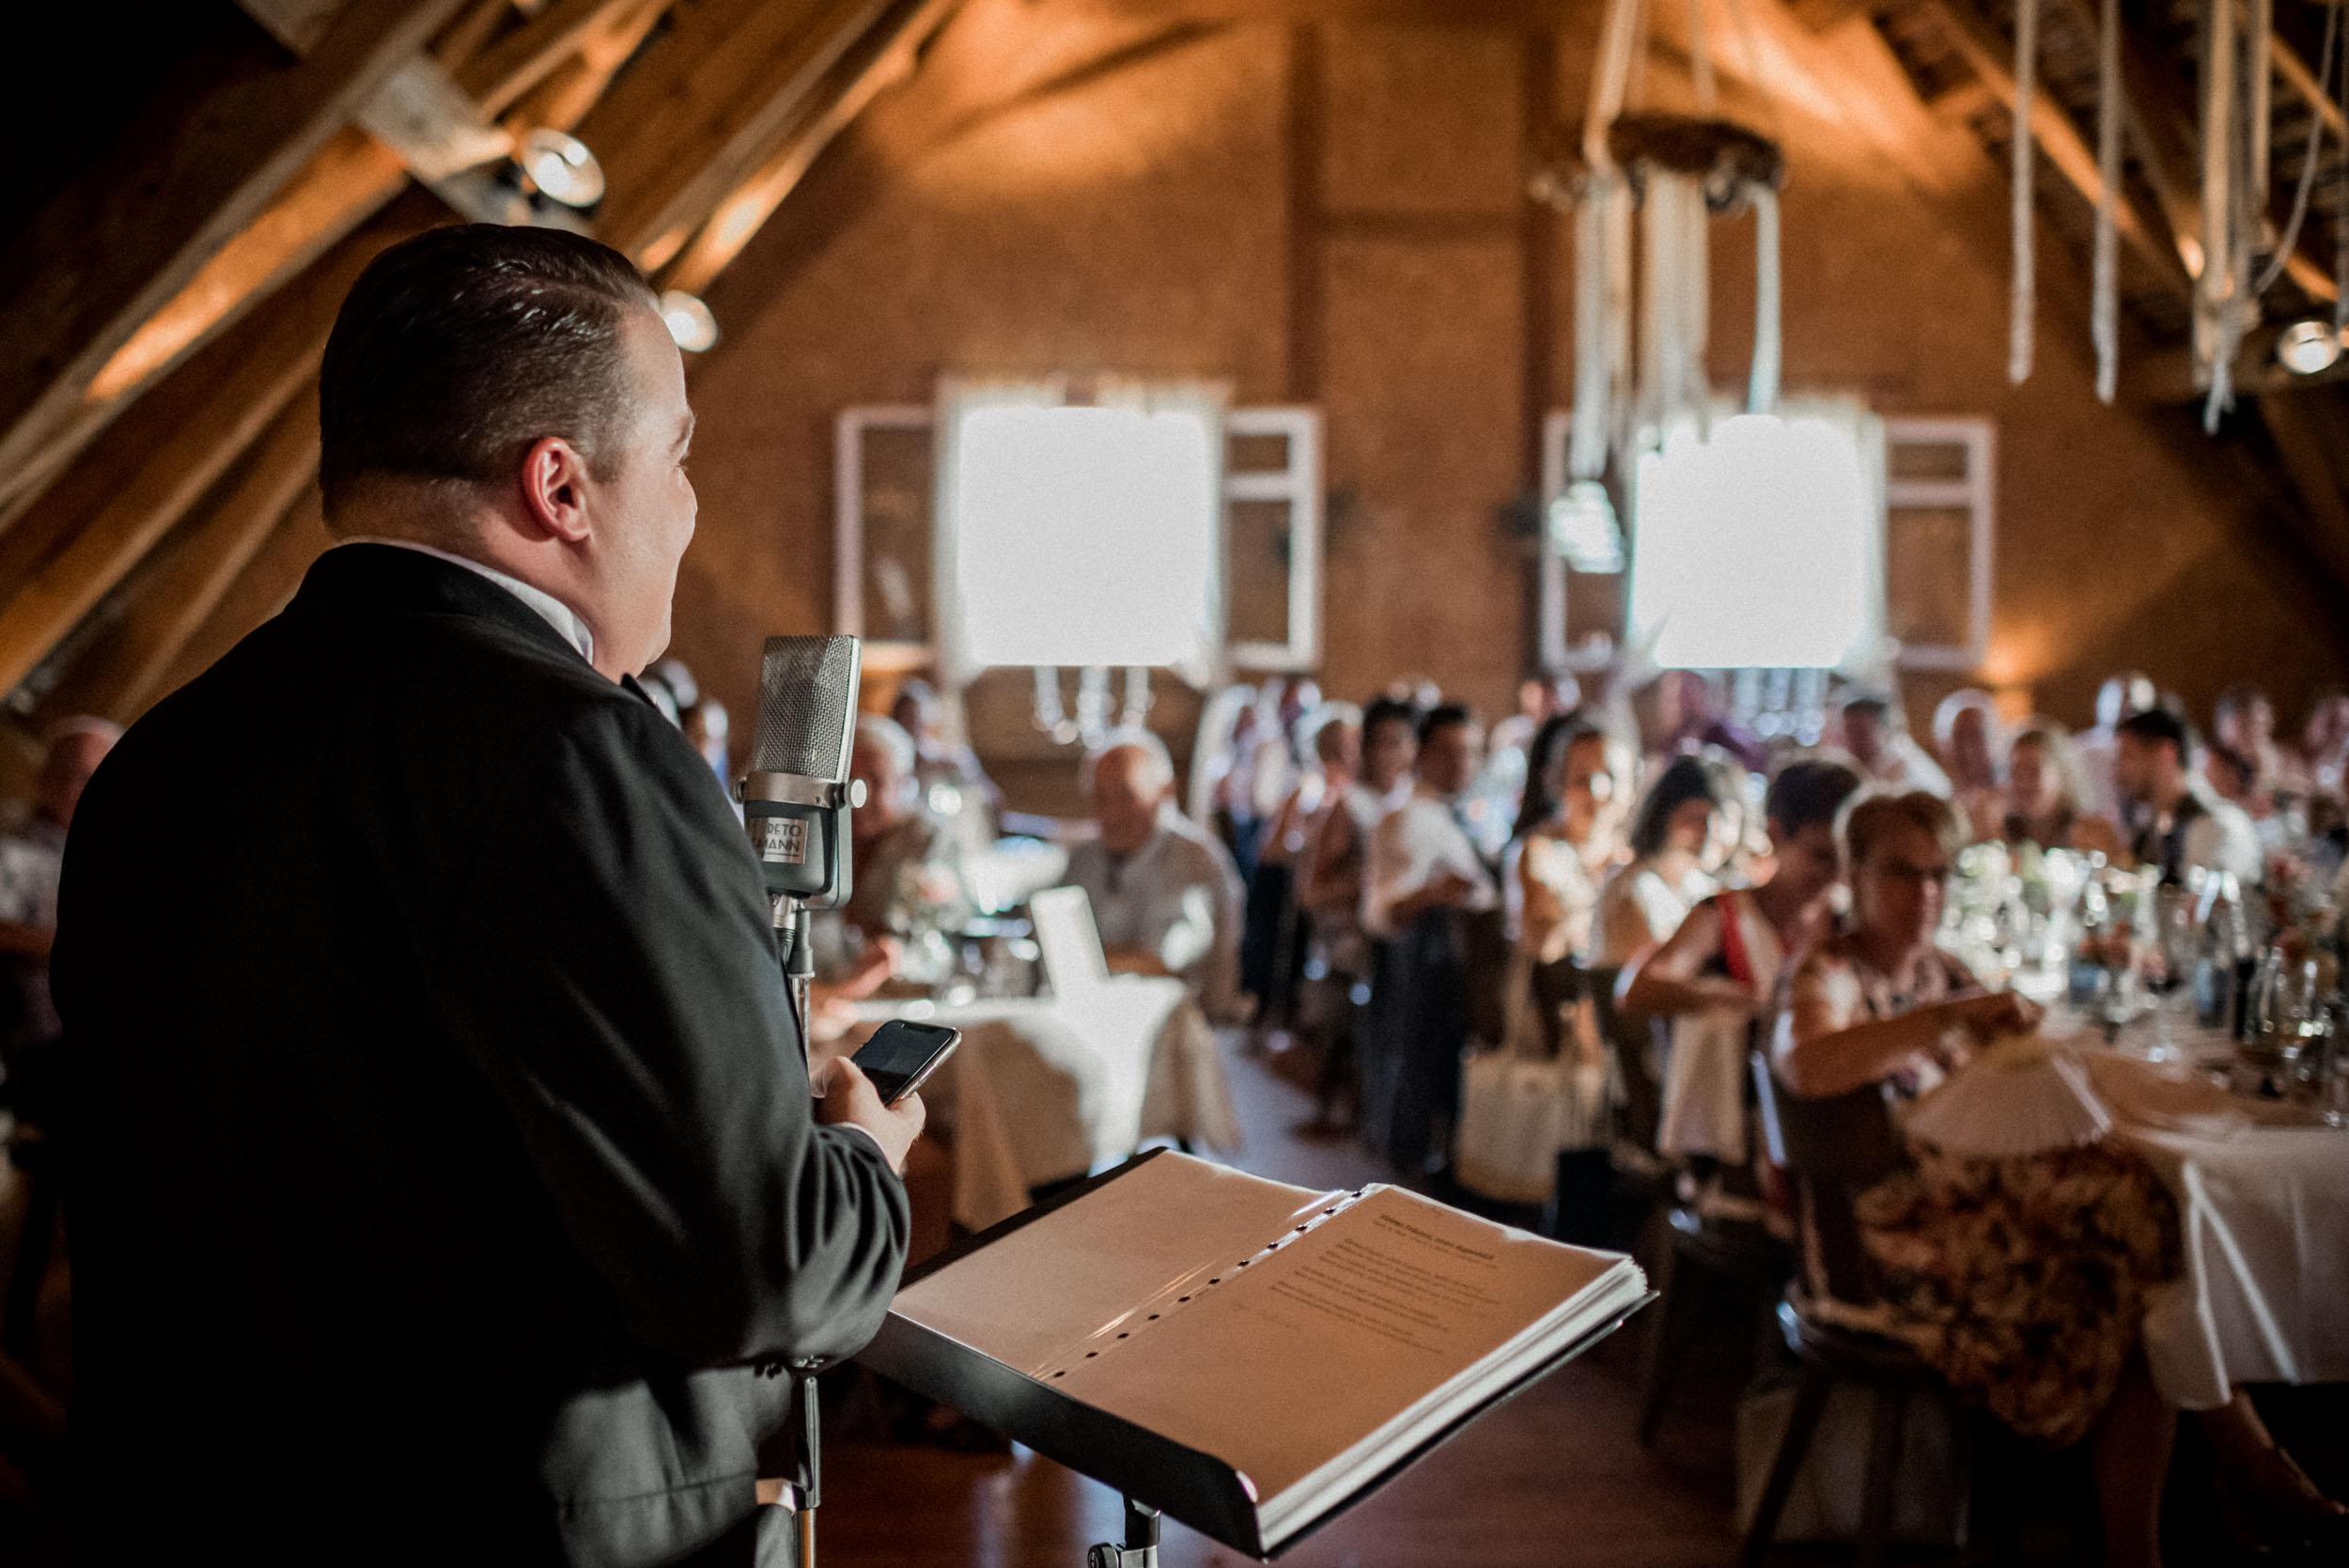 Hochzeitsreportage_Luzern_2019_25.jpg